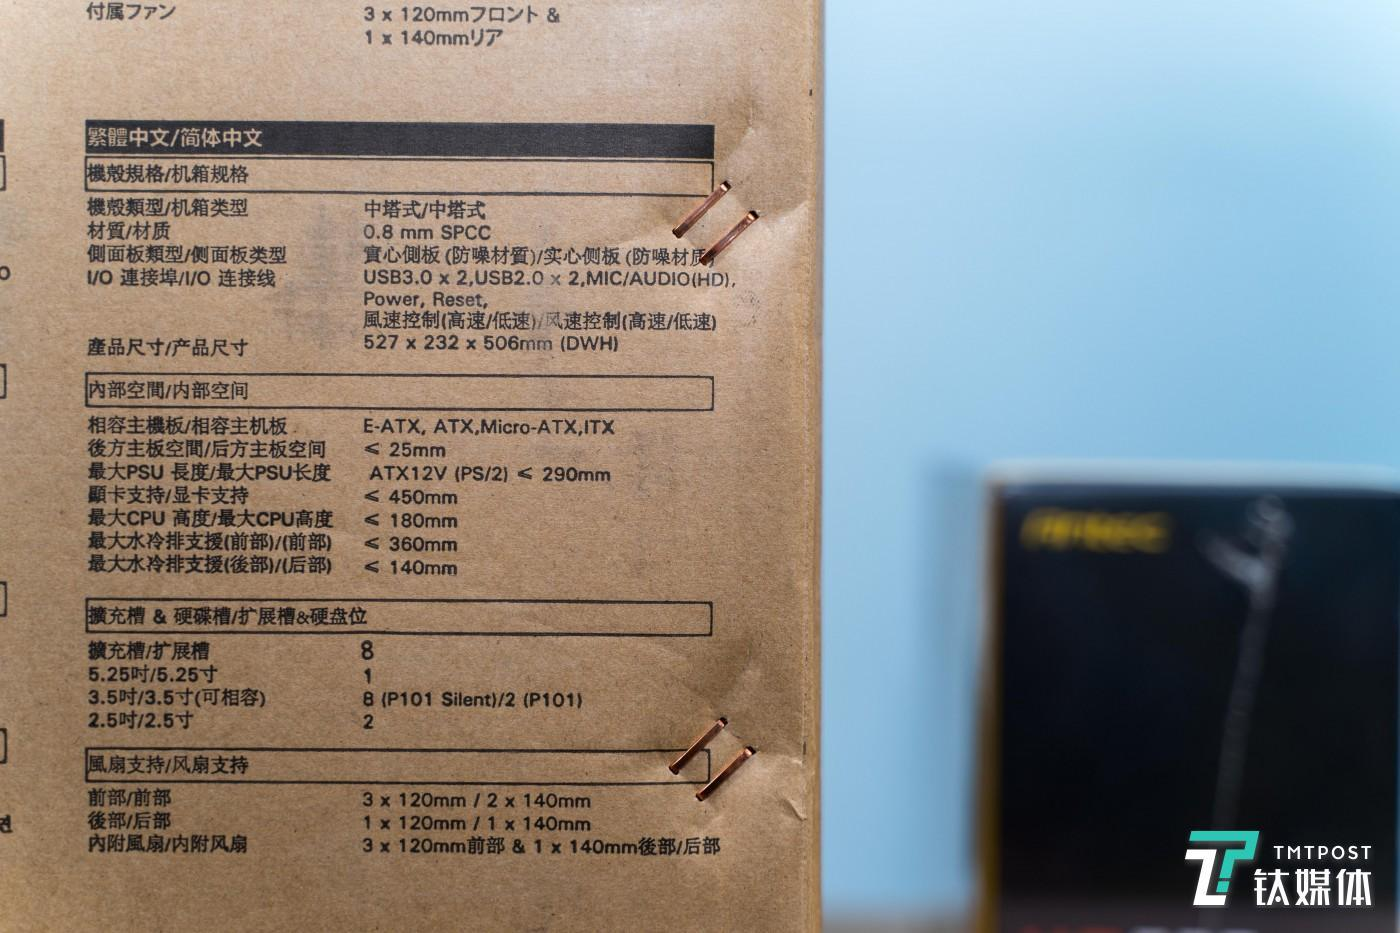 机箱大小可以兼容E-ATX的主板